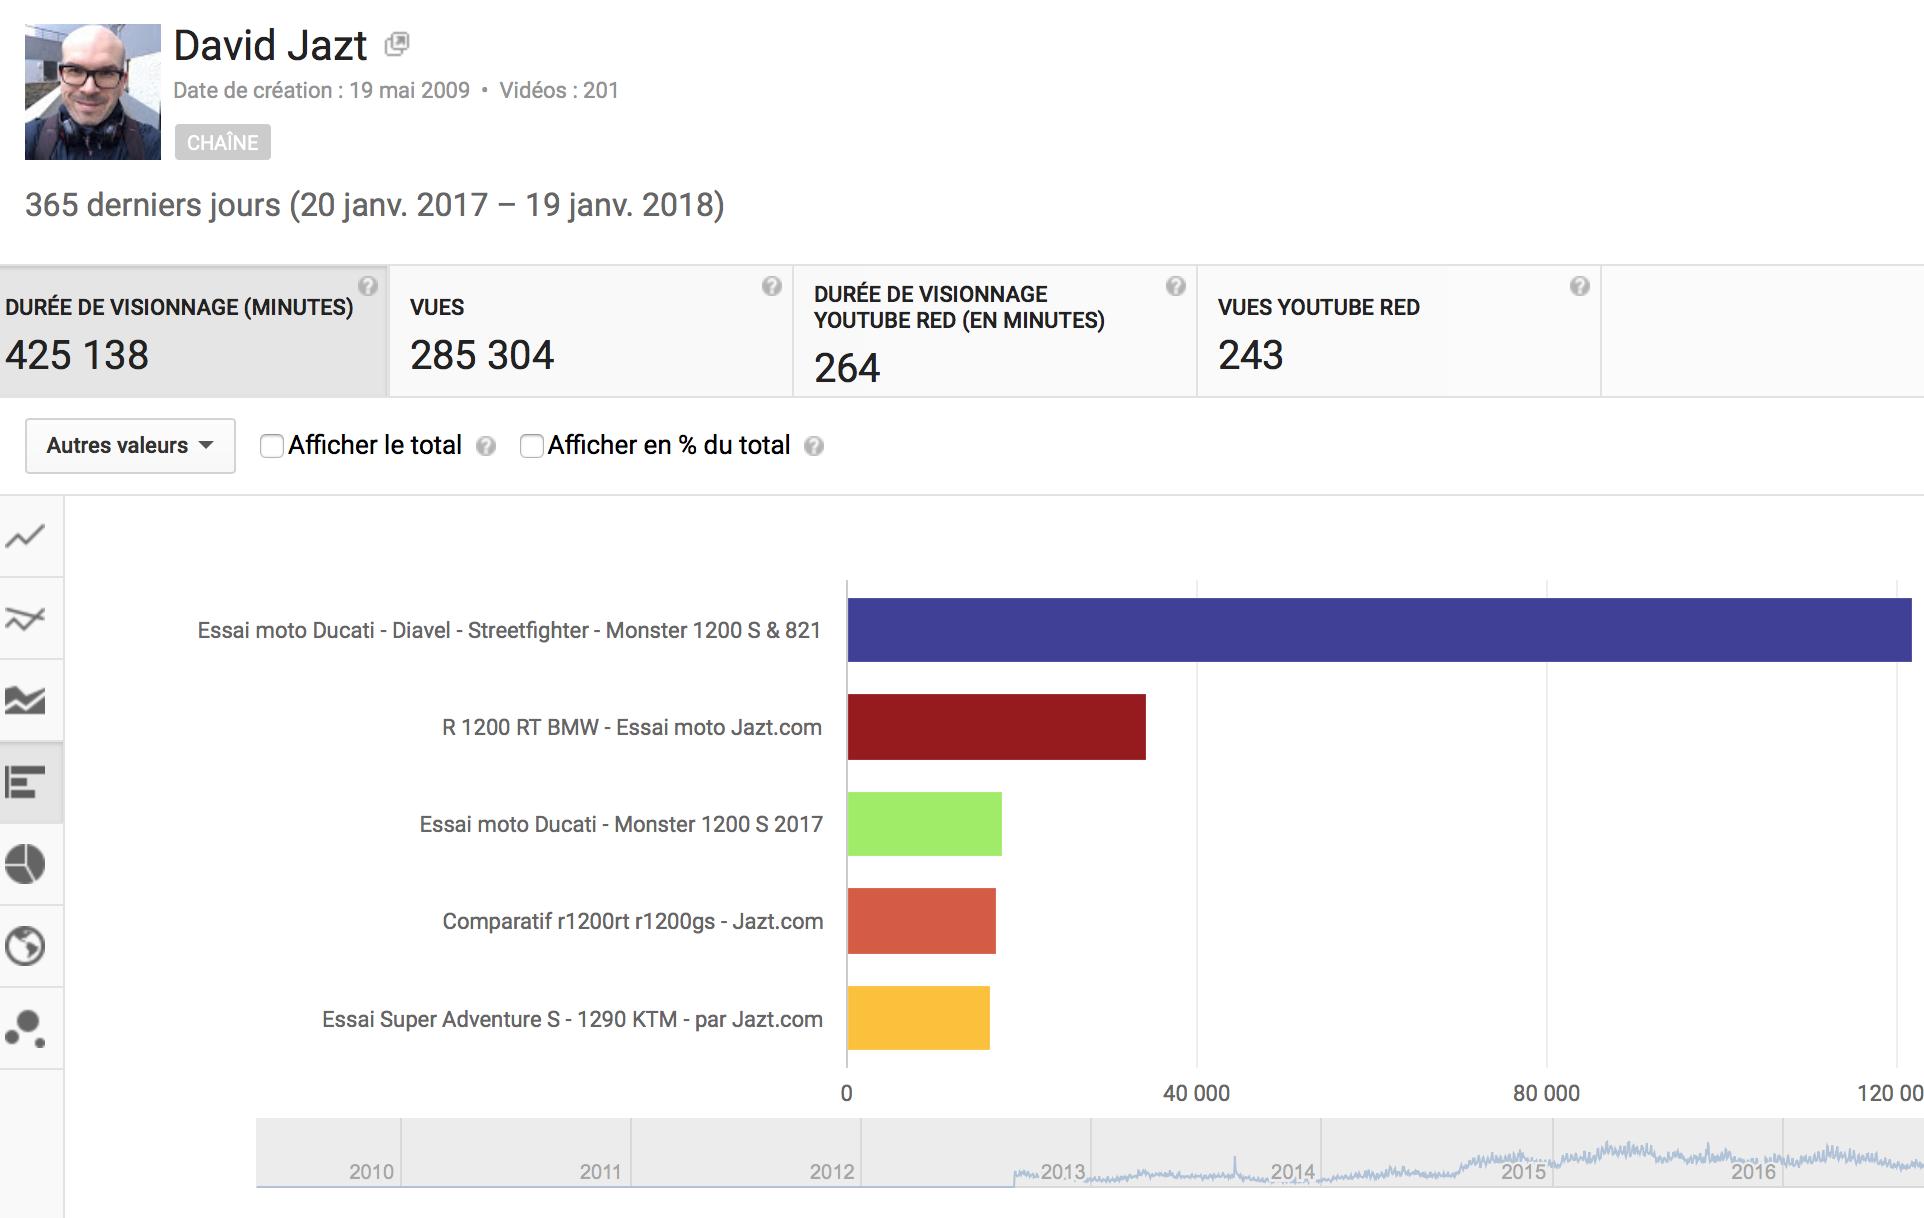 Durée visionnage chaine YouTube, Jazt.com en janvier 2018